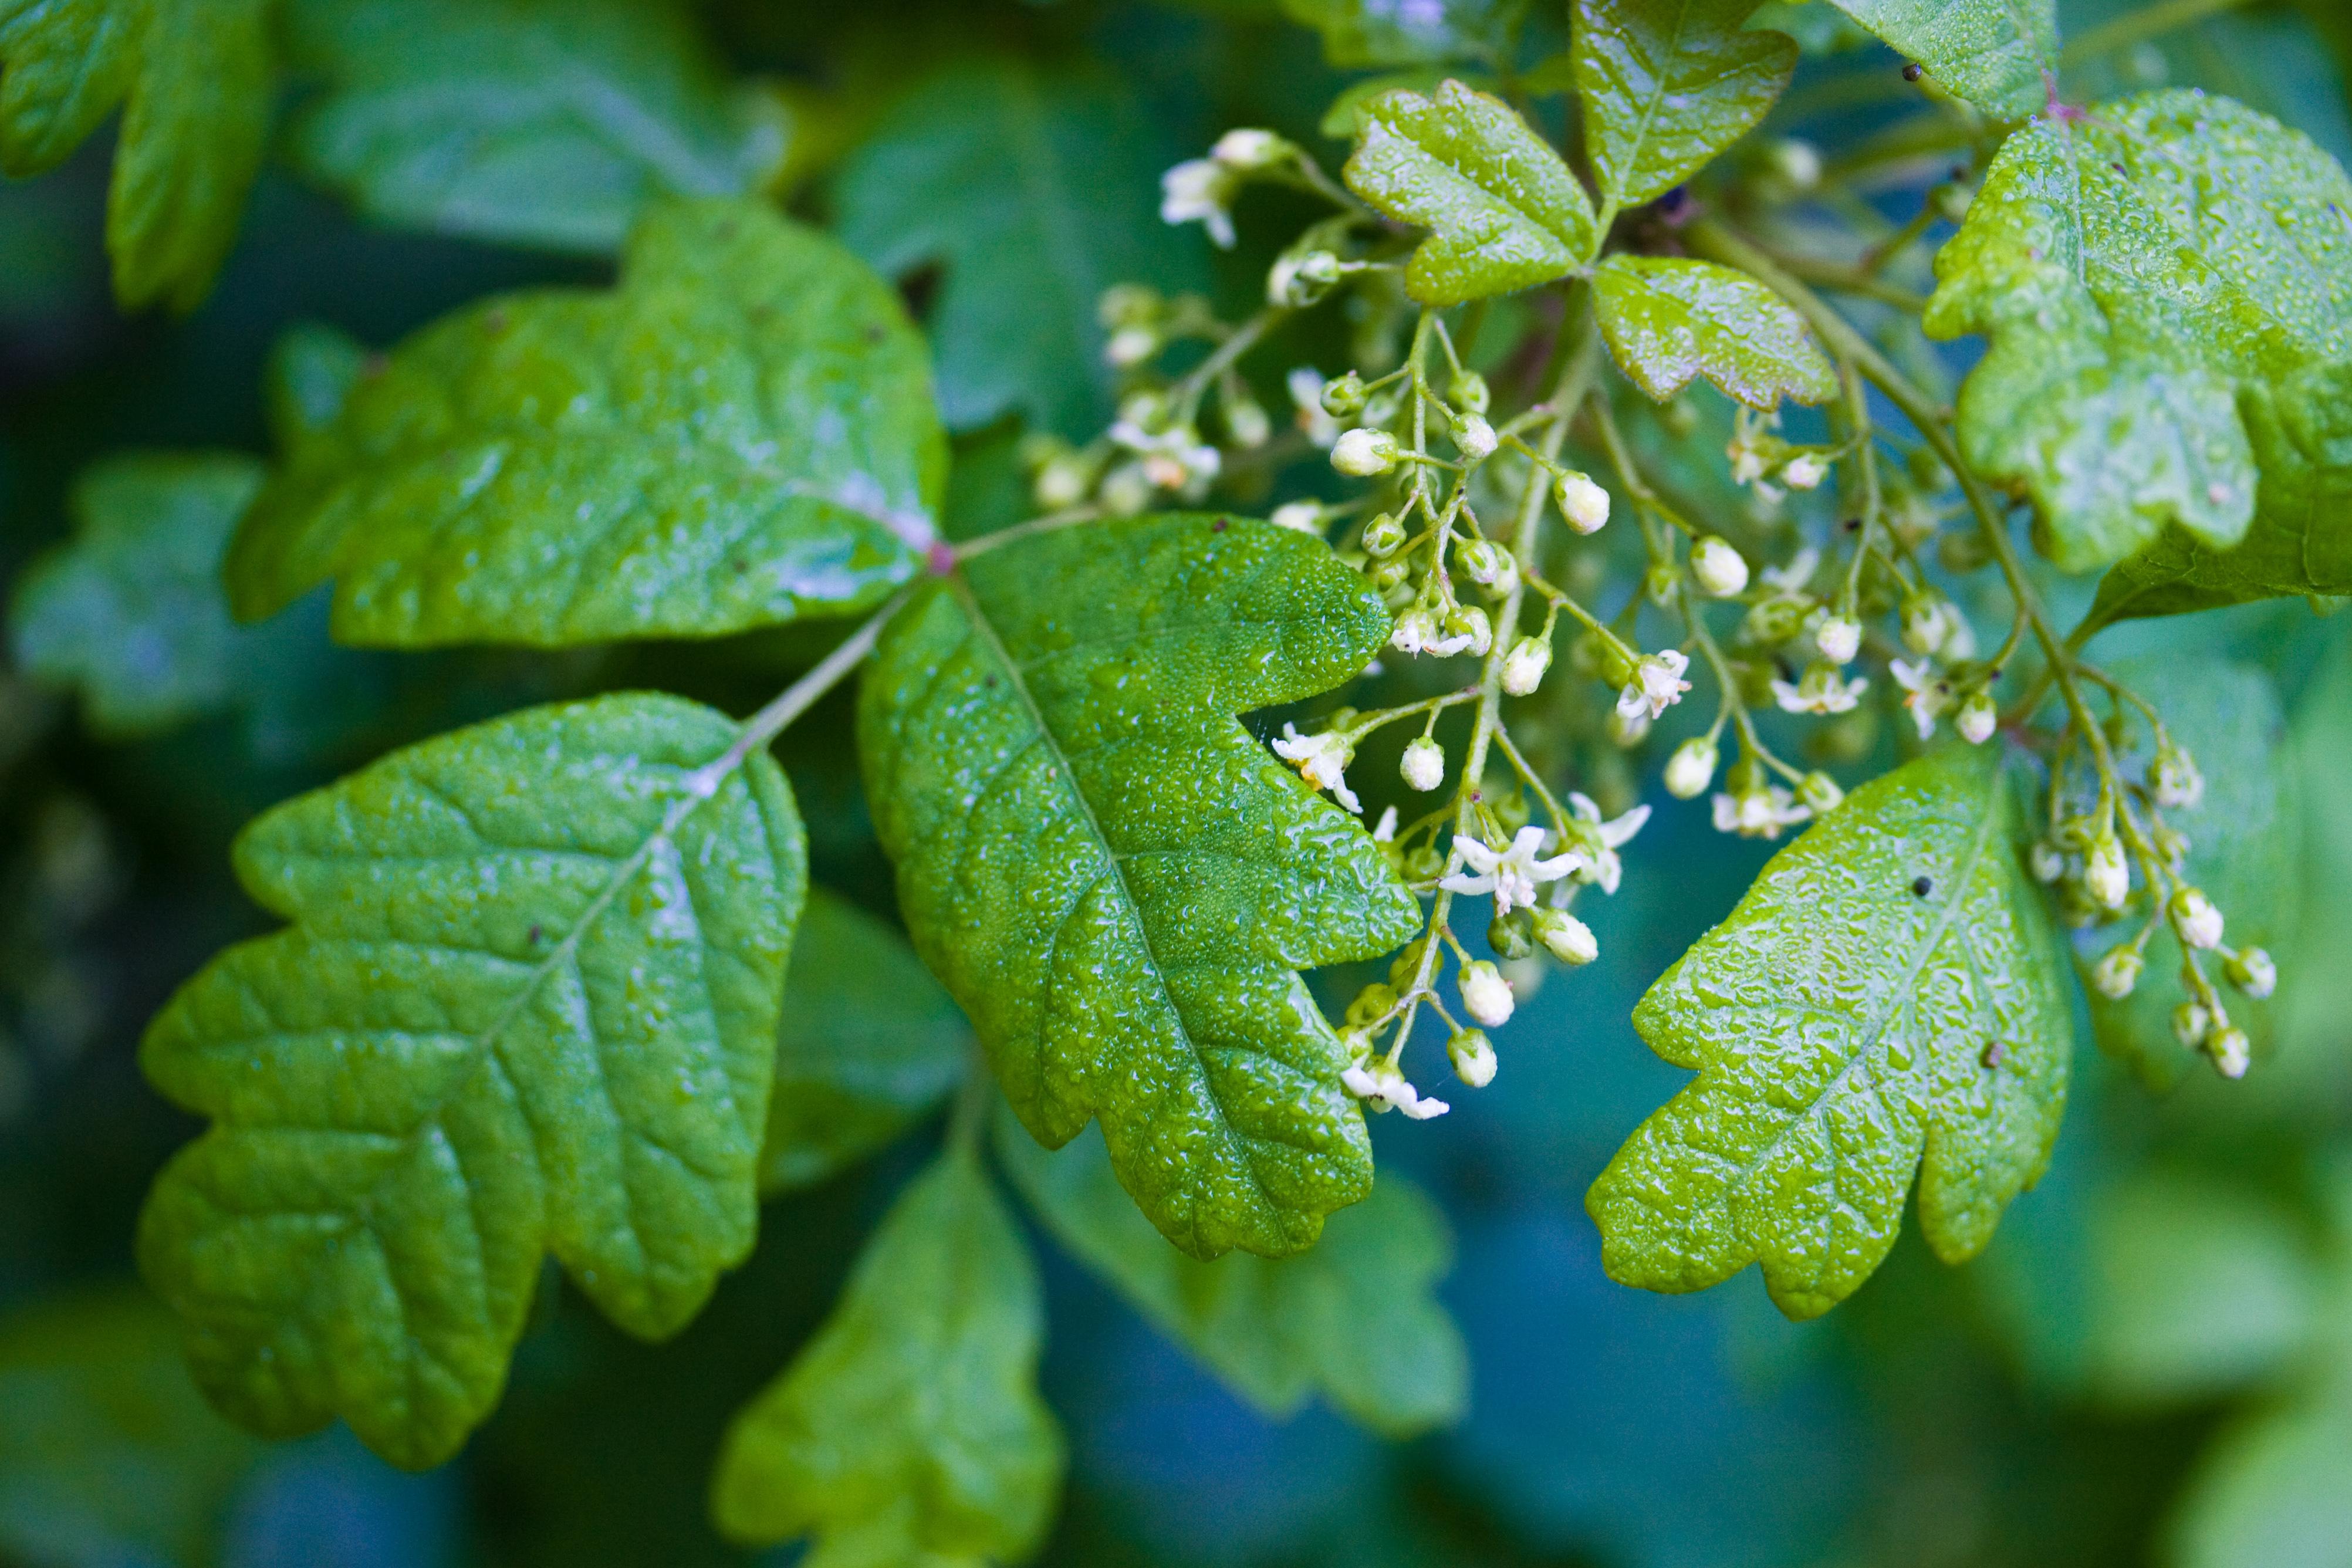 poison oak - Encyclopedia of Life